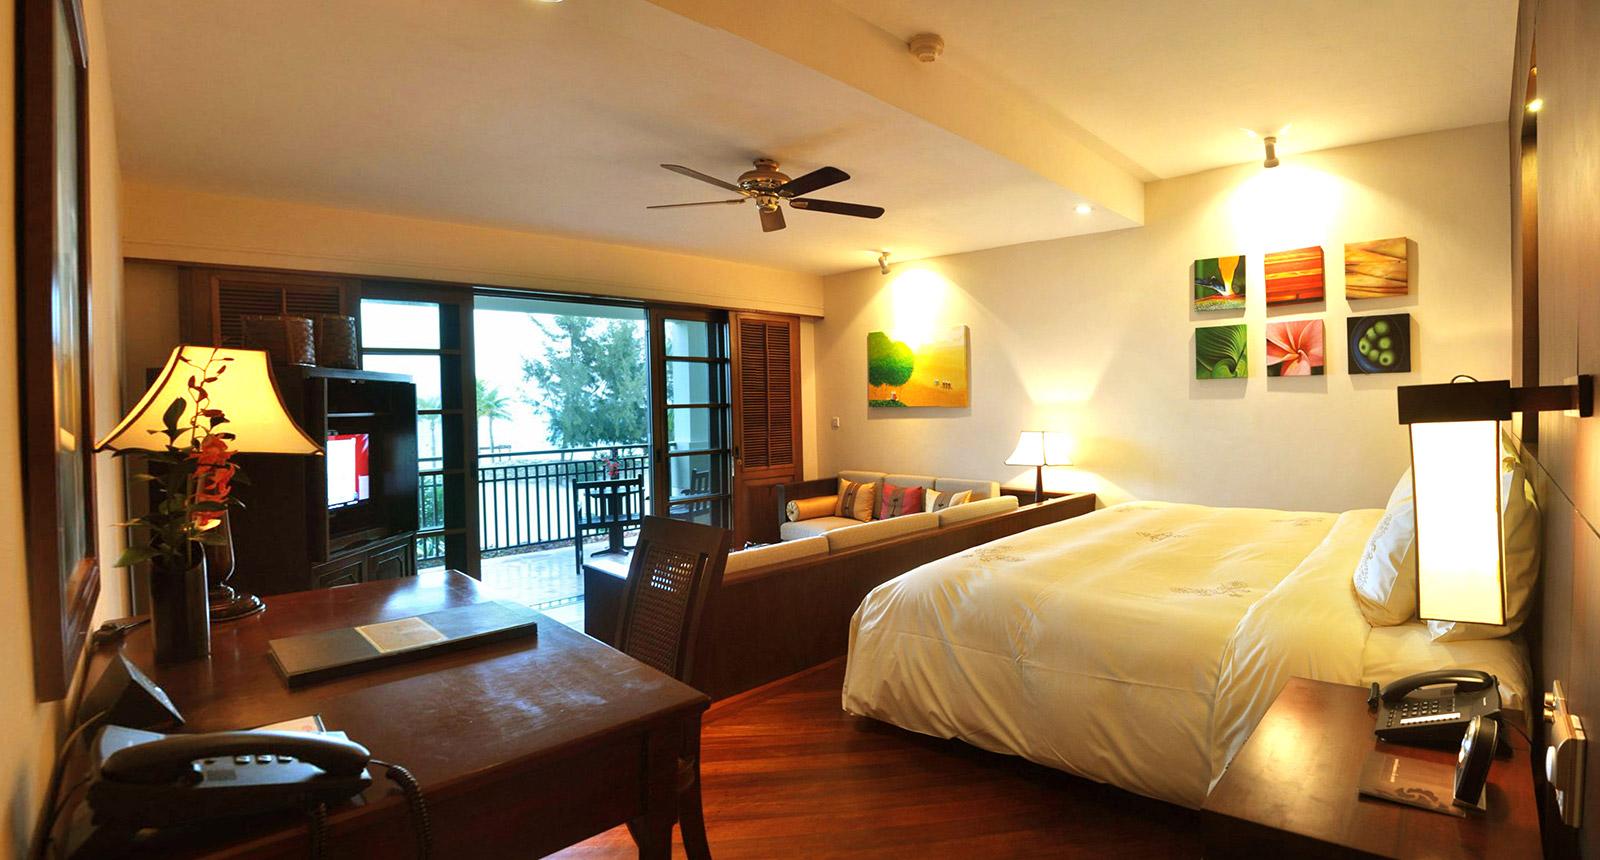 Ocean Studio Suite at Furama Resort Da Nang